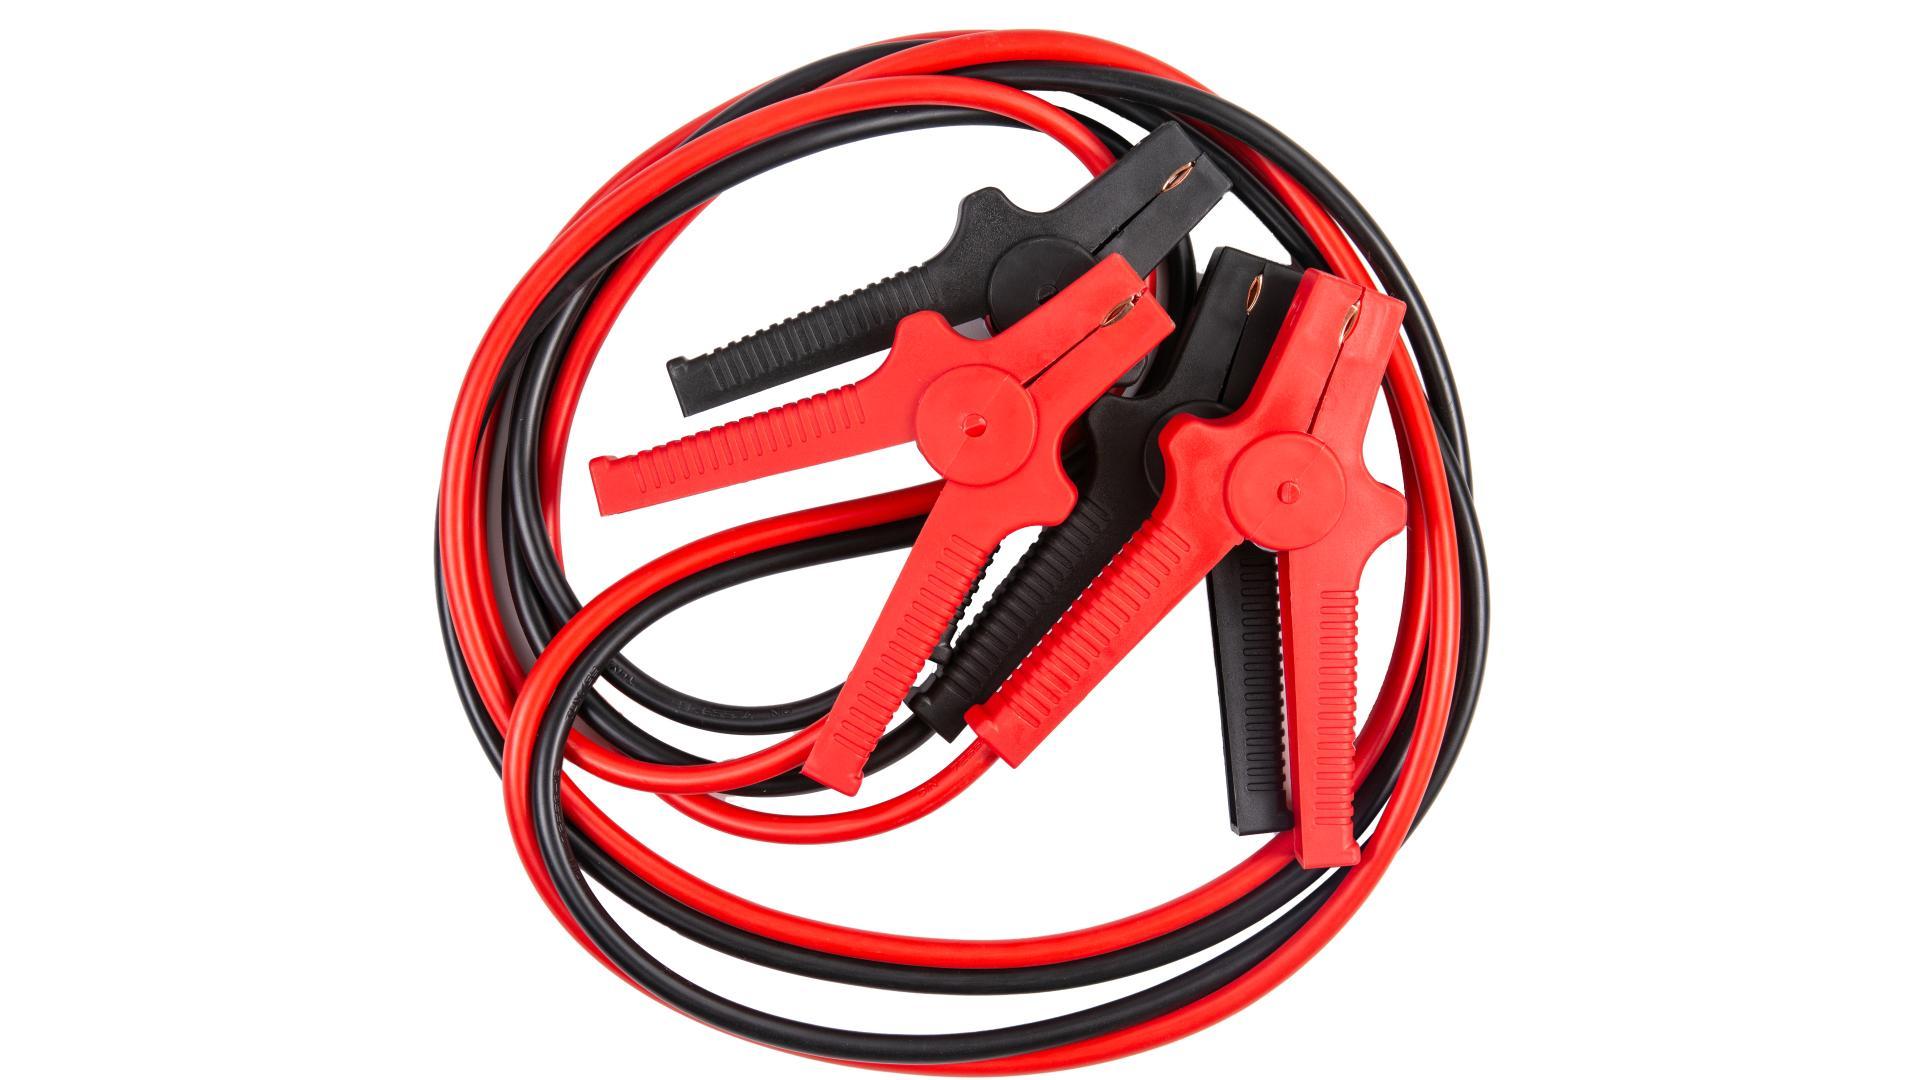 4 CARS Premium Štartovací kábel - DIN 72553 izolované kliešte, hrúbka 16.0MM?, 3metre